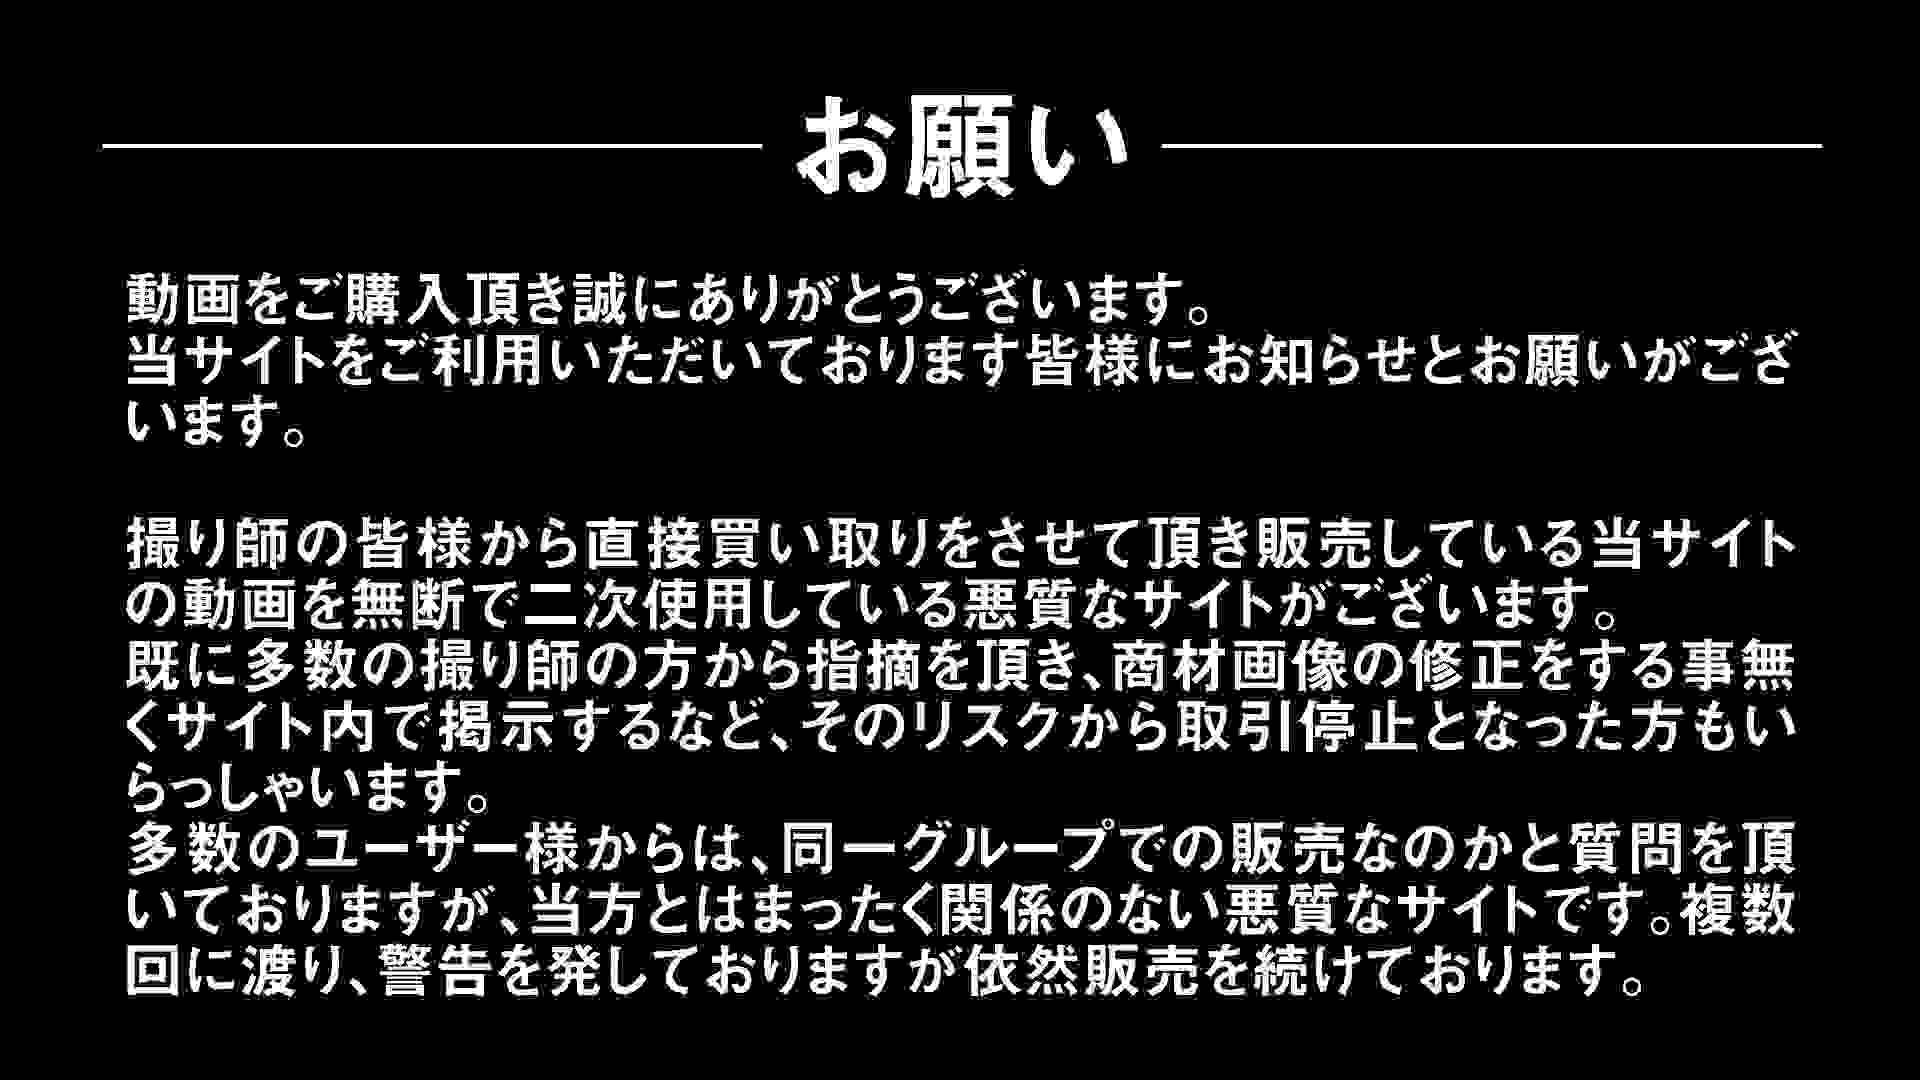 Aquaな露天風呂Vol.300 OLのエロ生活 隠し撮りオマンコ動画紹介 83連発 8